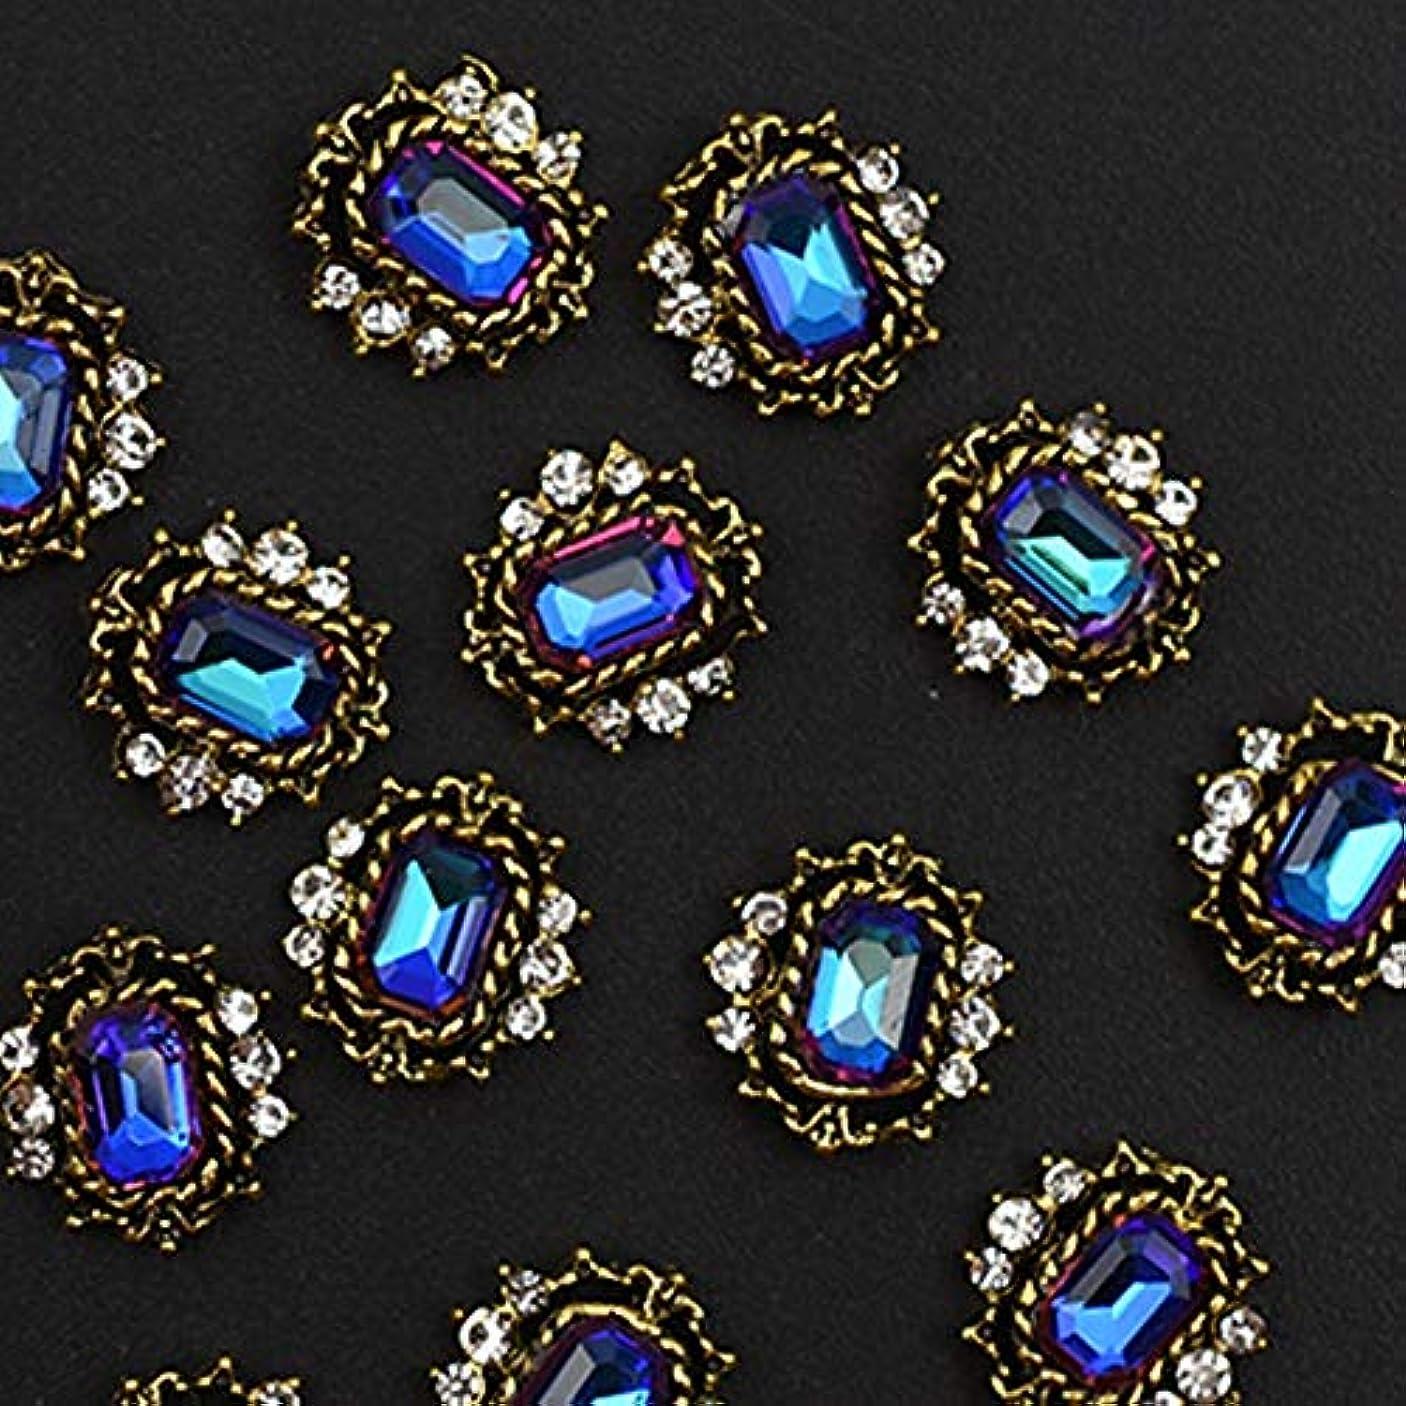 不十分コンピューターゲームをプレイする置くためにパック10個入りブルーのラインストーン合金の3Dネイルアートの装飾釘チャームスタッドGliterクリスタルダイヤモンドラインストーンジュエリーアクセサリー